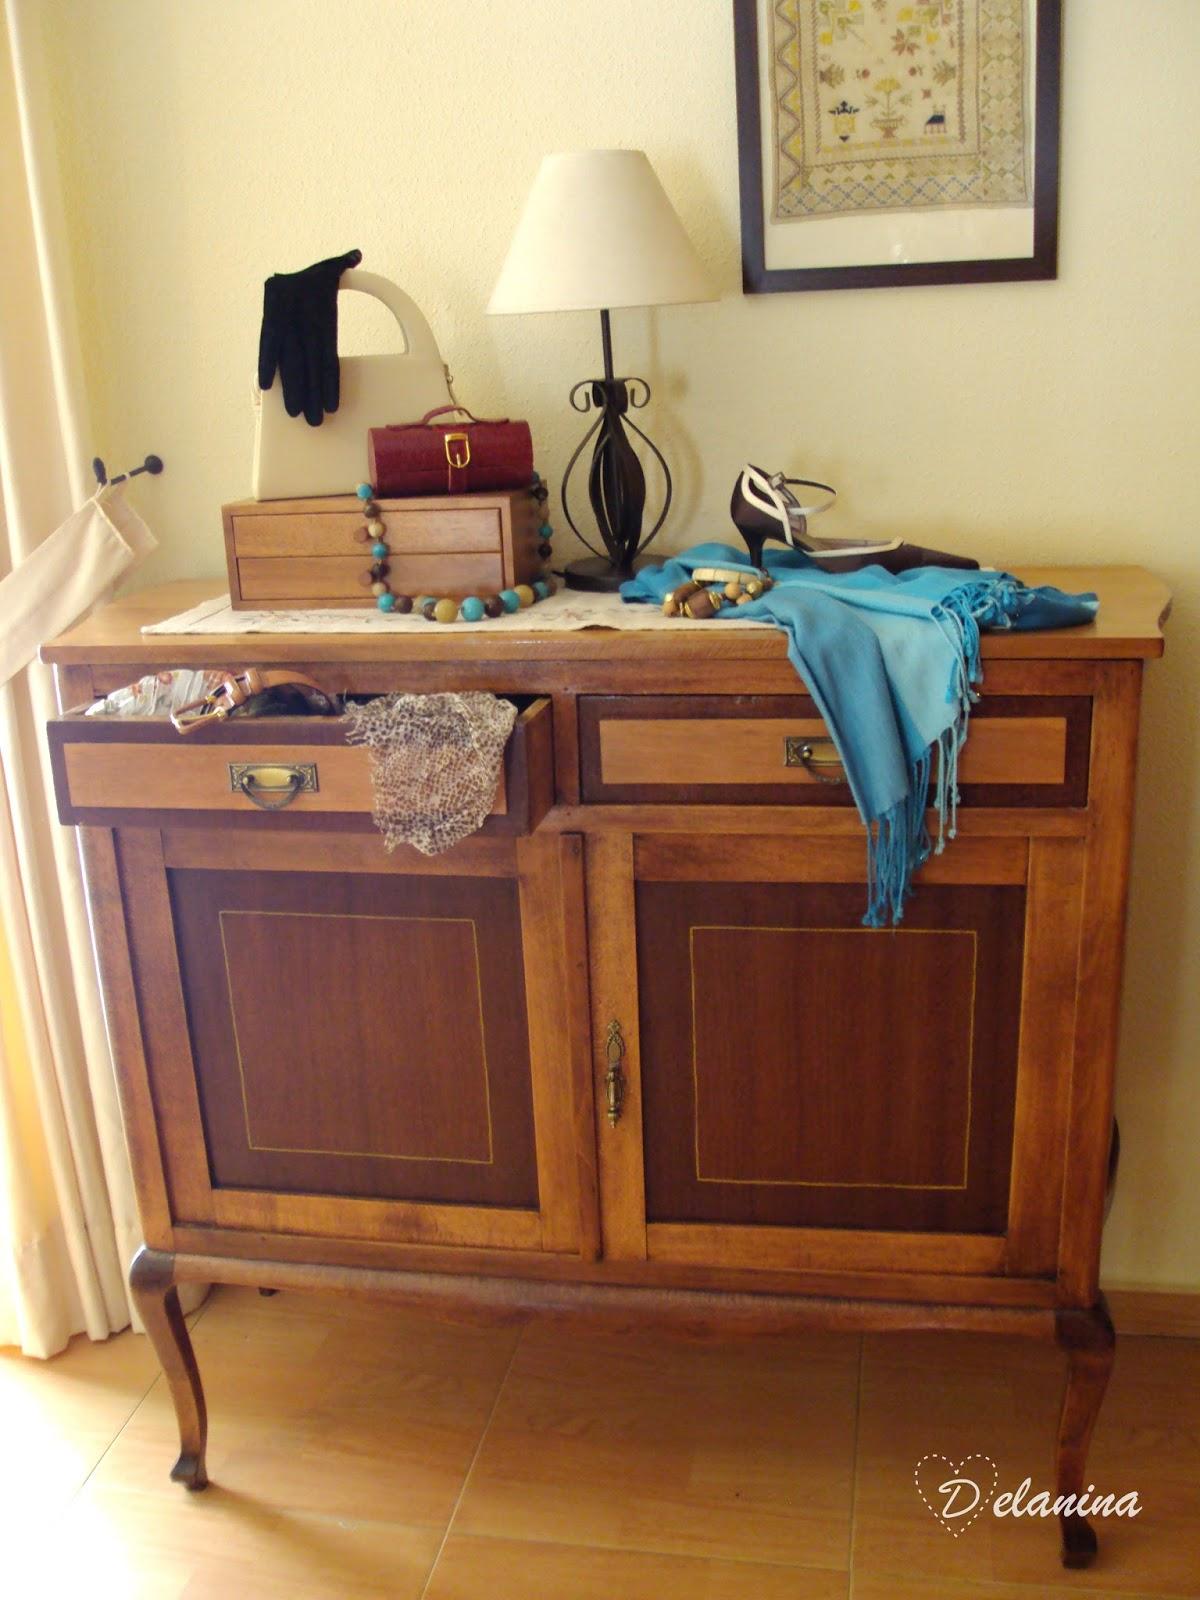 Restaurar un viejo aparador y convertirlo en un mueble - Restaurar un mueble barnizado ...